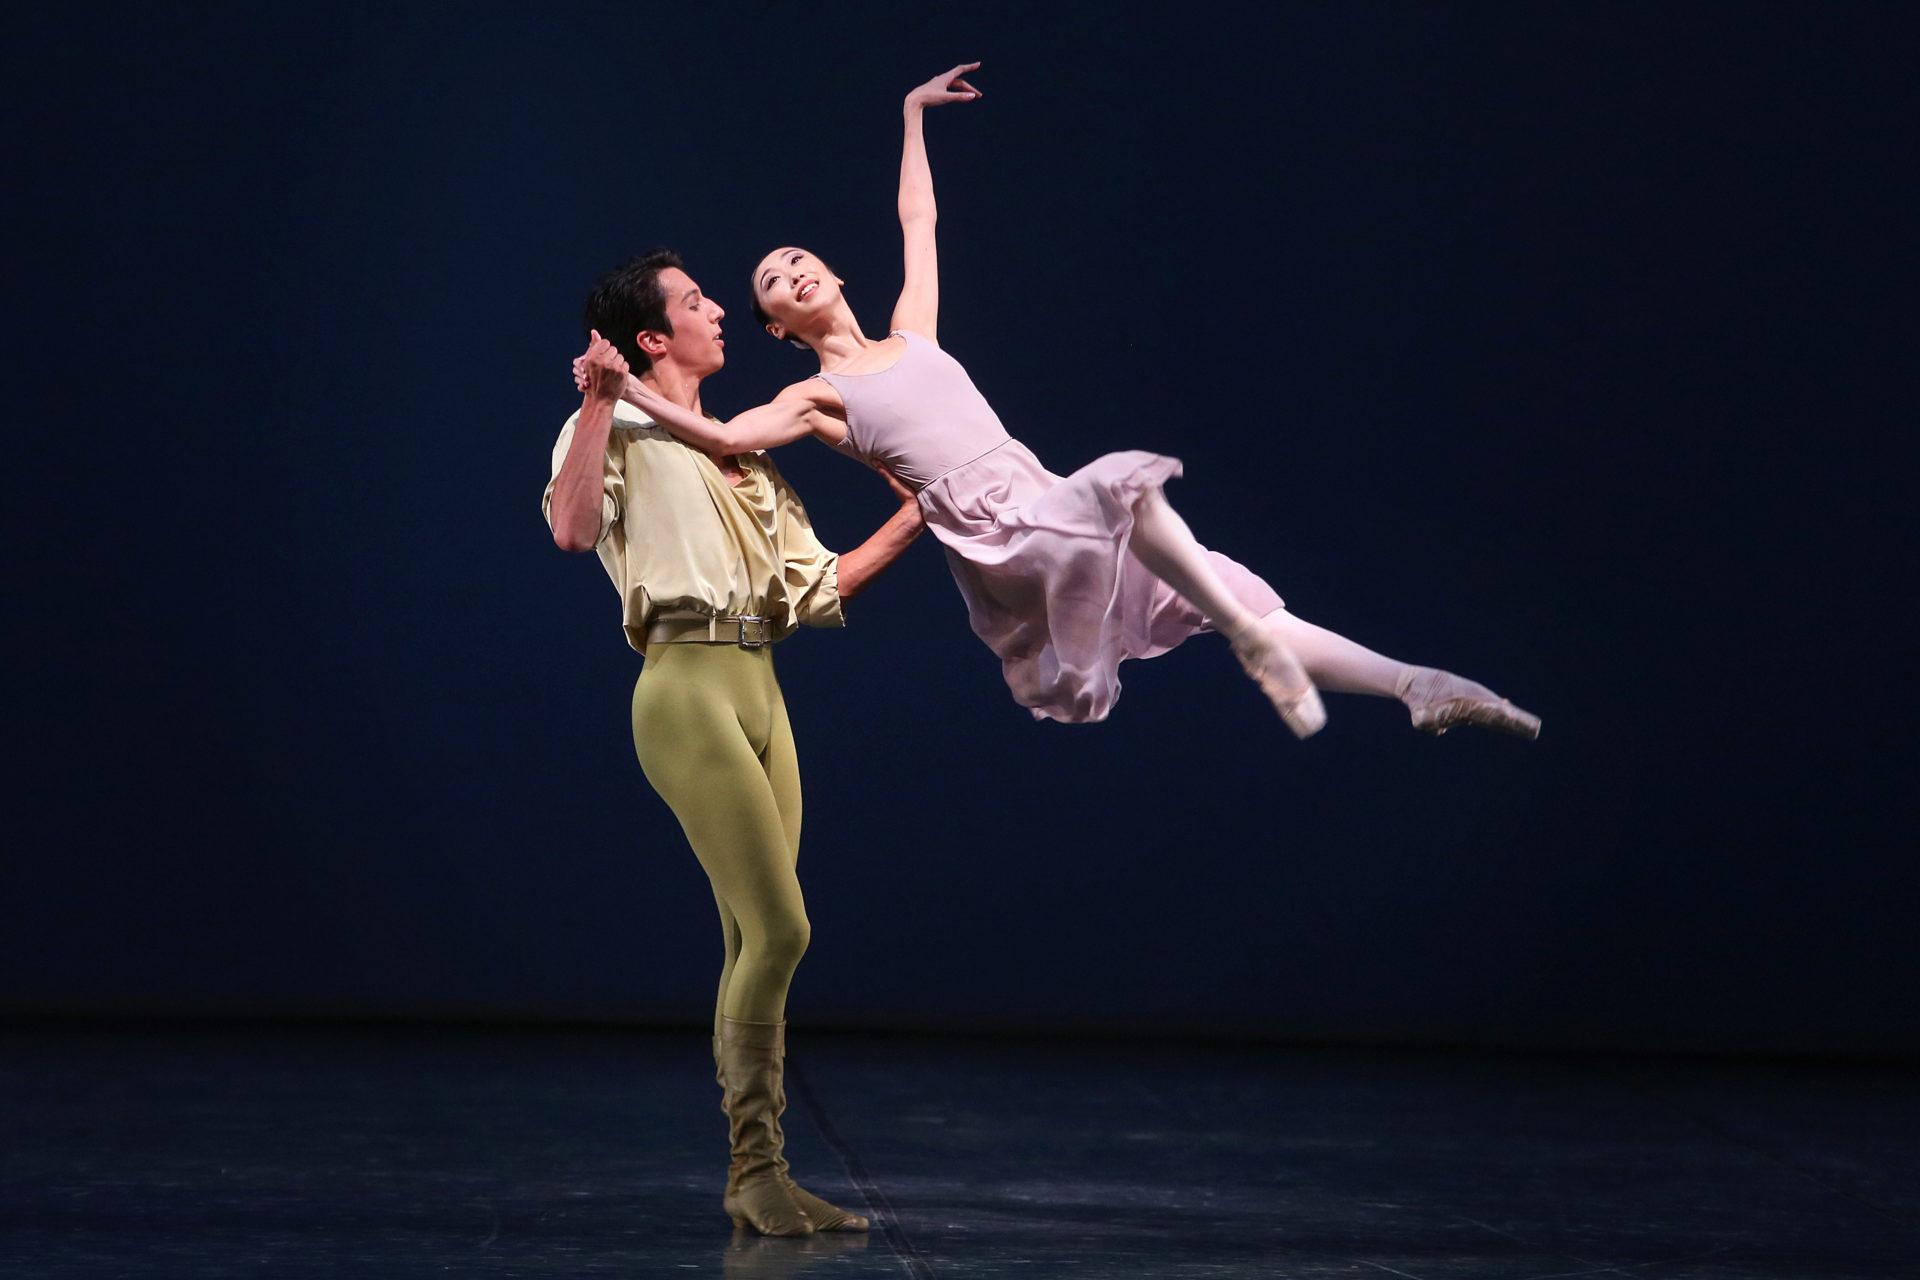 Chopin_Dances_HH_Ballett_Foto_AnjaBeutler.de_135